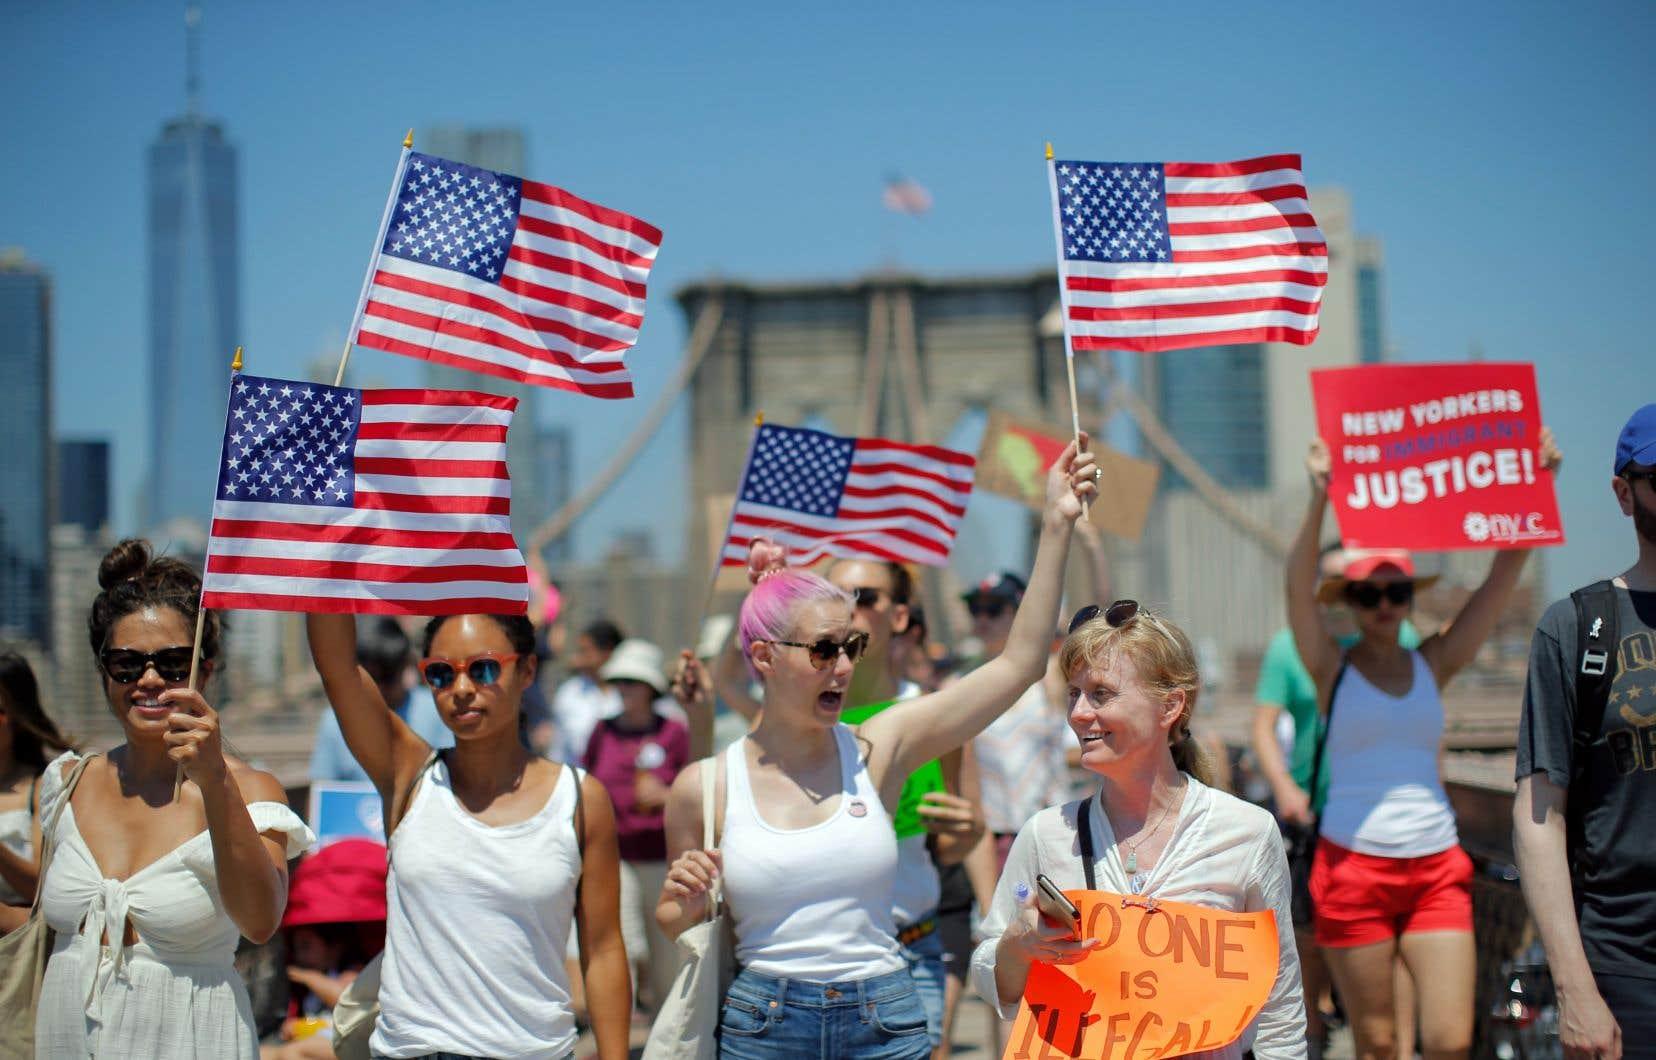 À New York, plusieurs milliers de personnes se sont retrouvées dans le sud de Manhattan et ont traversé le Brooklyn Bridge pour manifester, samedi.